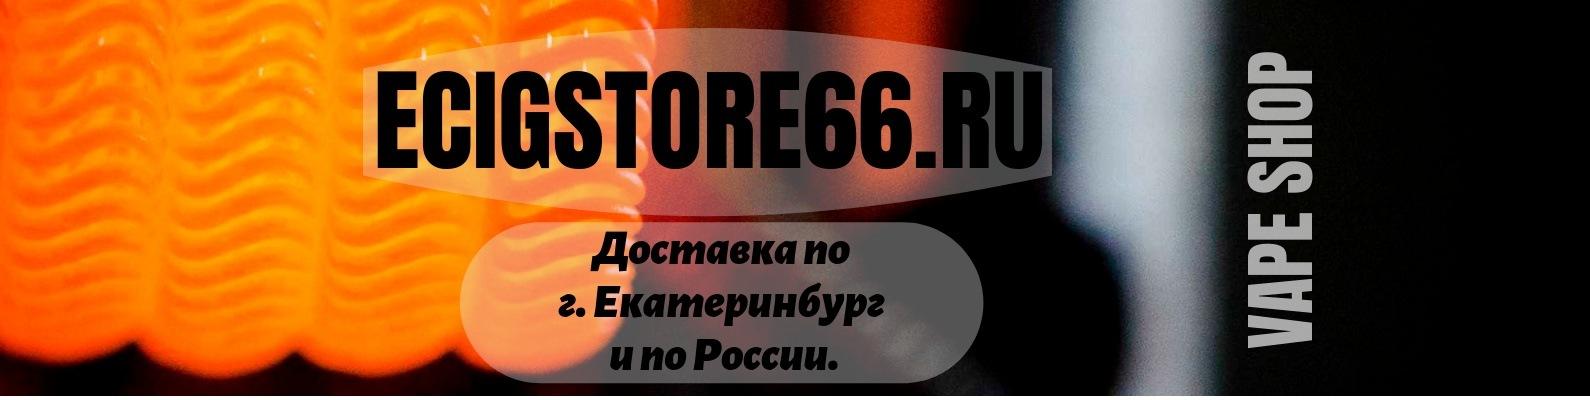 Электронные сигареты купить интернет магазин екатеринбург мы не продаем табачные изделия лицам моложе 18